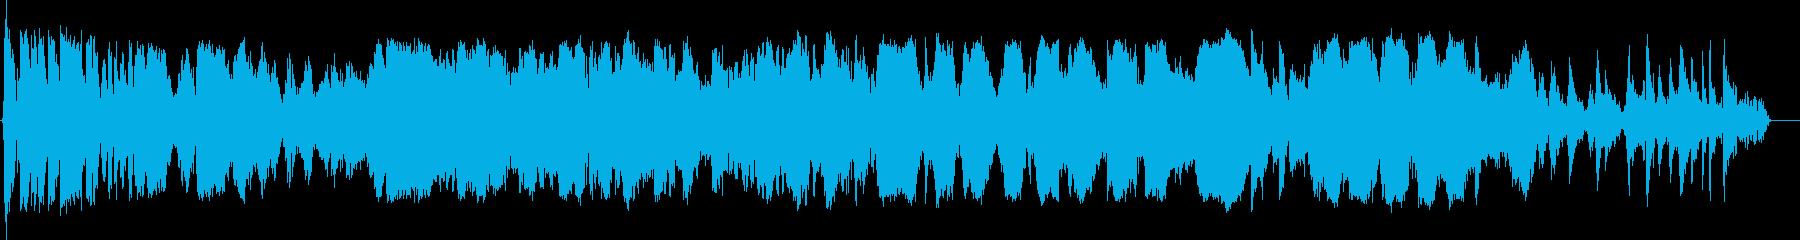 オートバイ;スタート/サークル;バ...の再生済みの波形